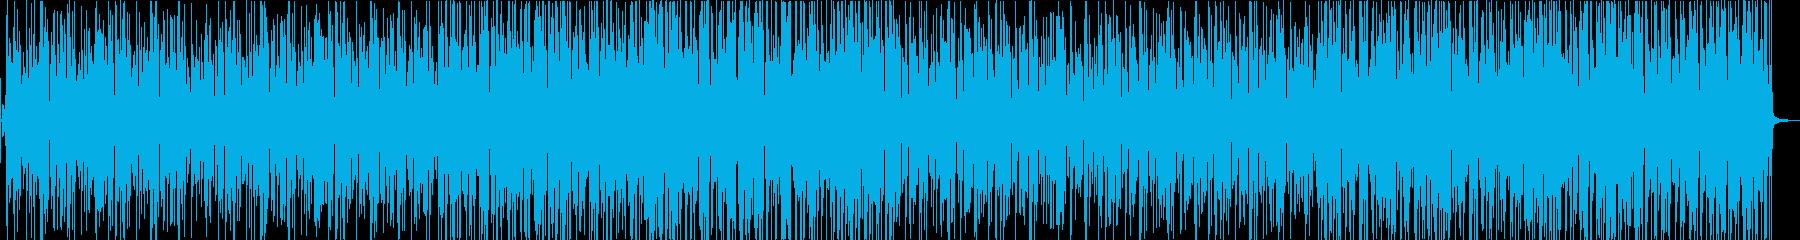 可愛いオシャレな日常/ポップス/ソウルの再生済みの波形